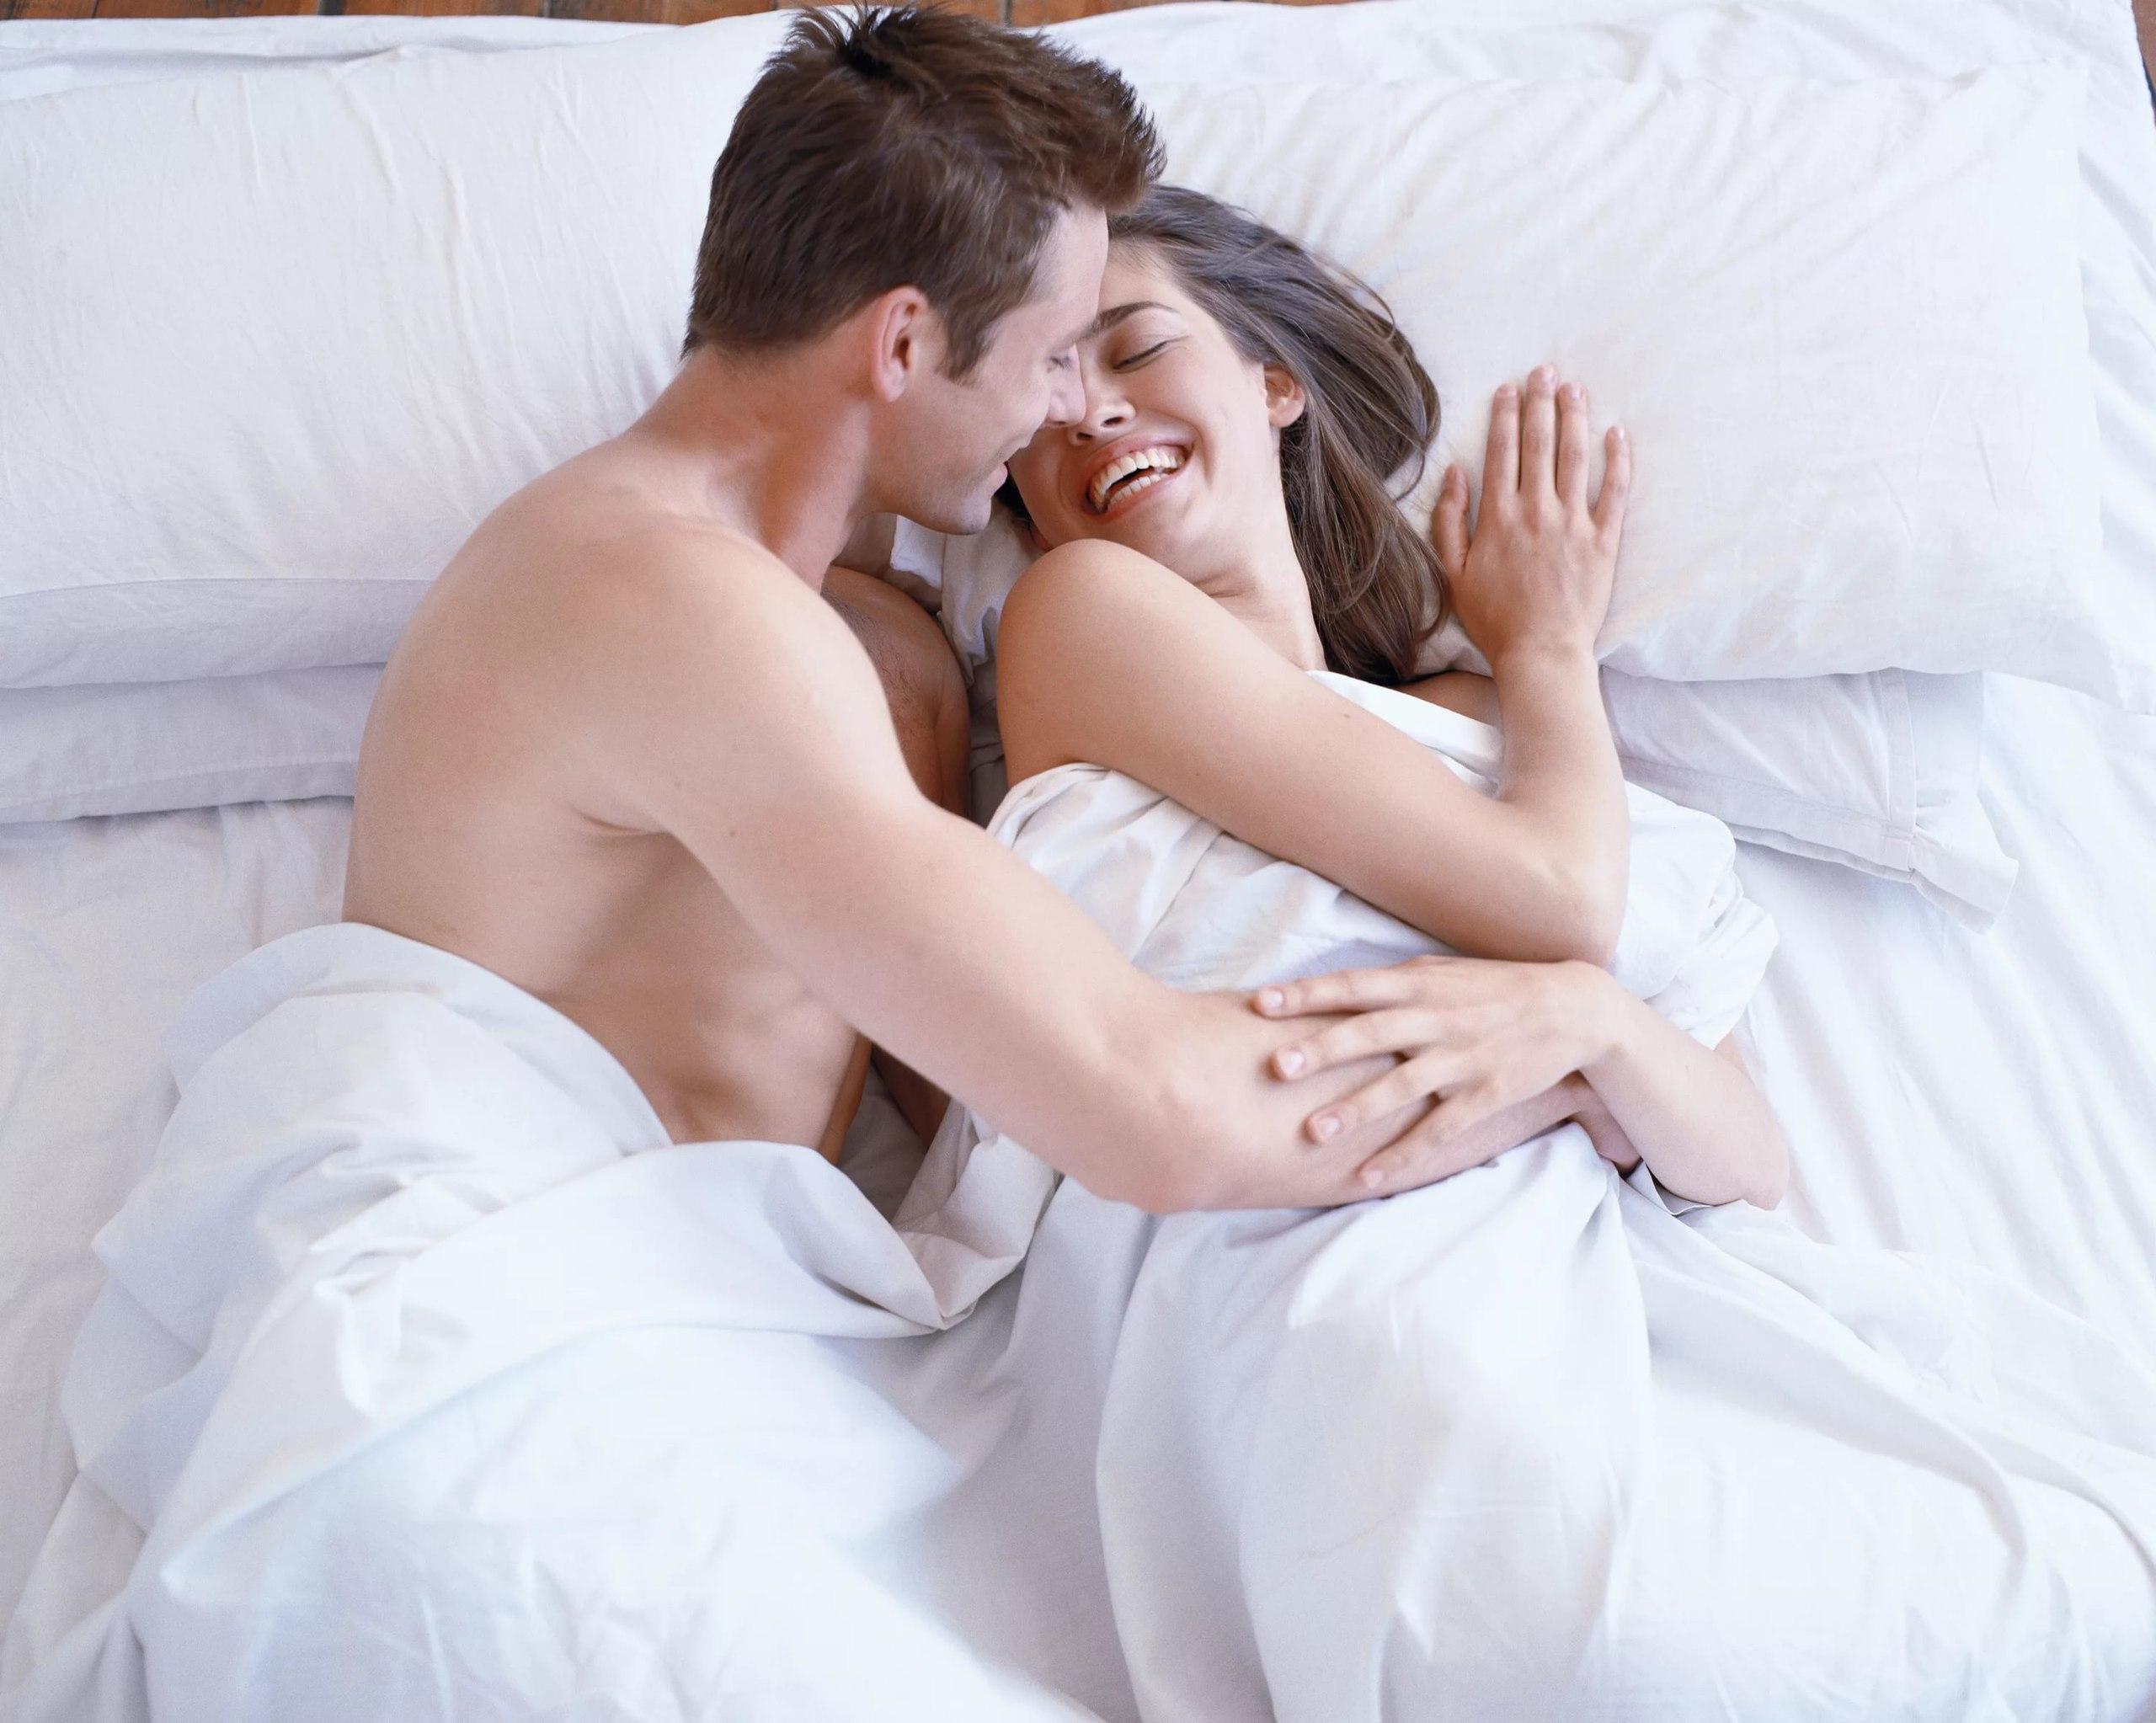 Как нужно заниматься сексом, чтобы забеременеть?